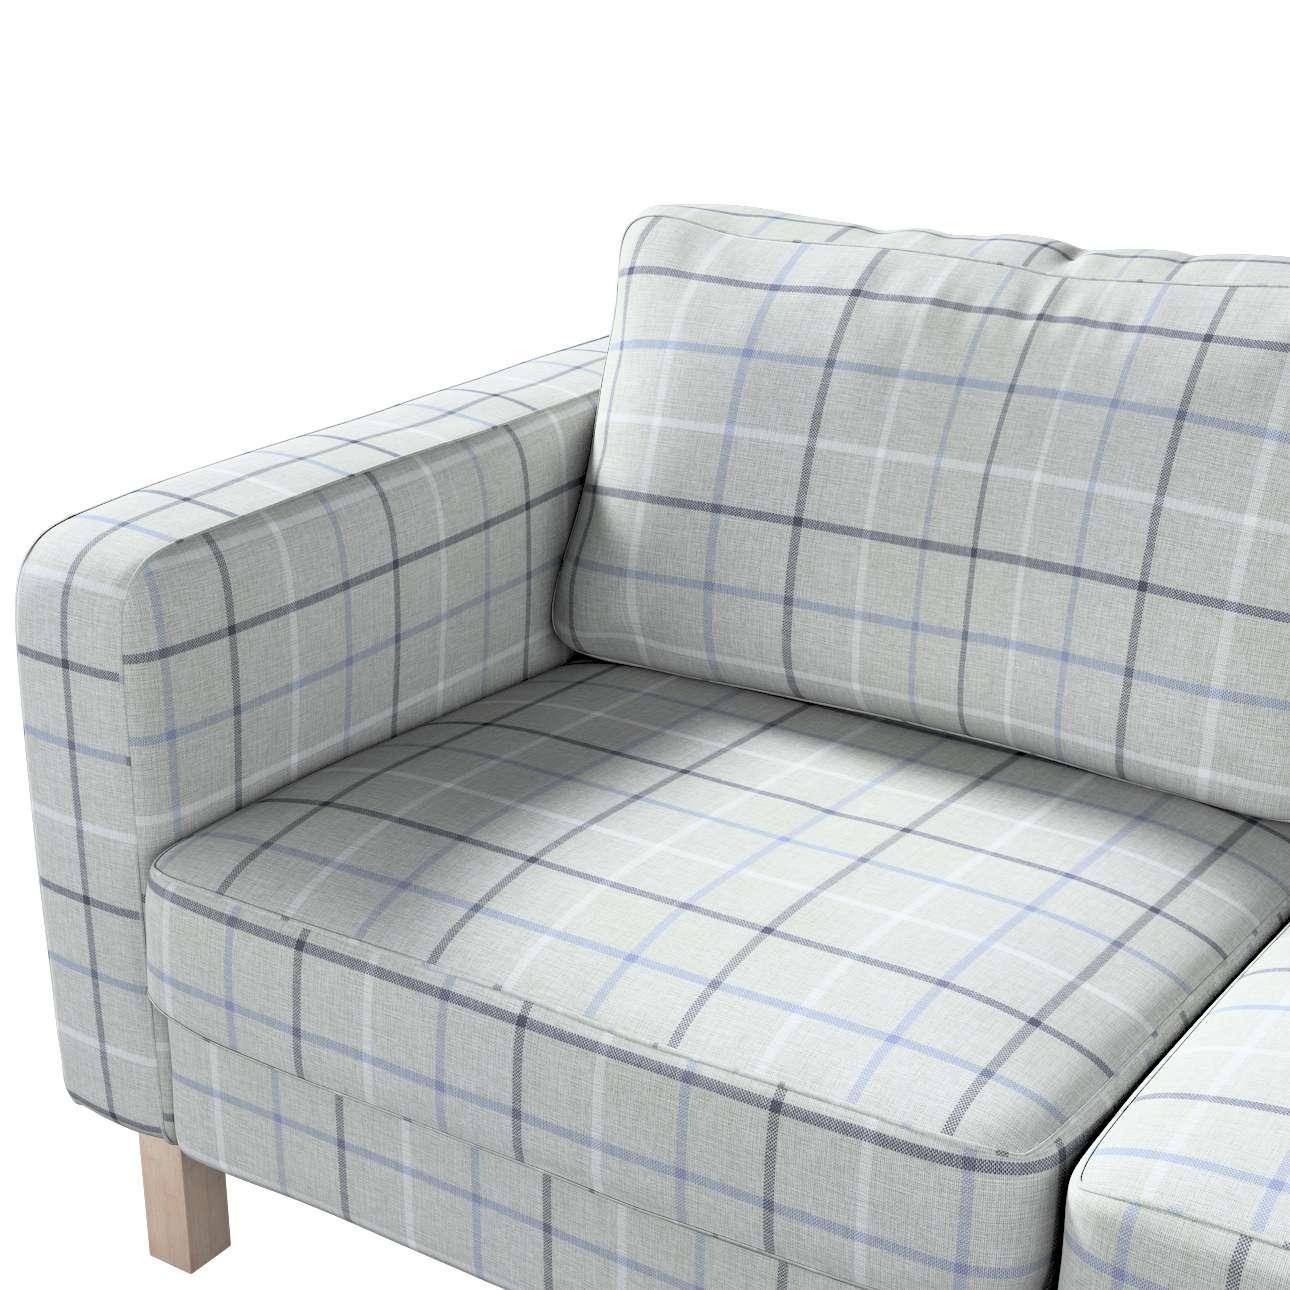 Pokrowiec na sofę Karlstad 2-osobową nierozkładaną krótki w kolekcji Edinburgh, tkanina: 703-18